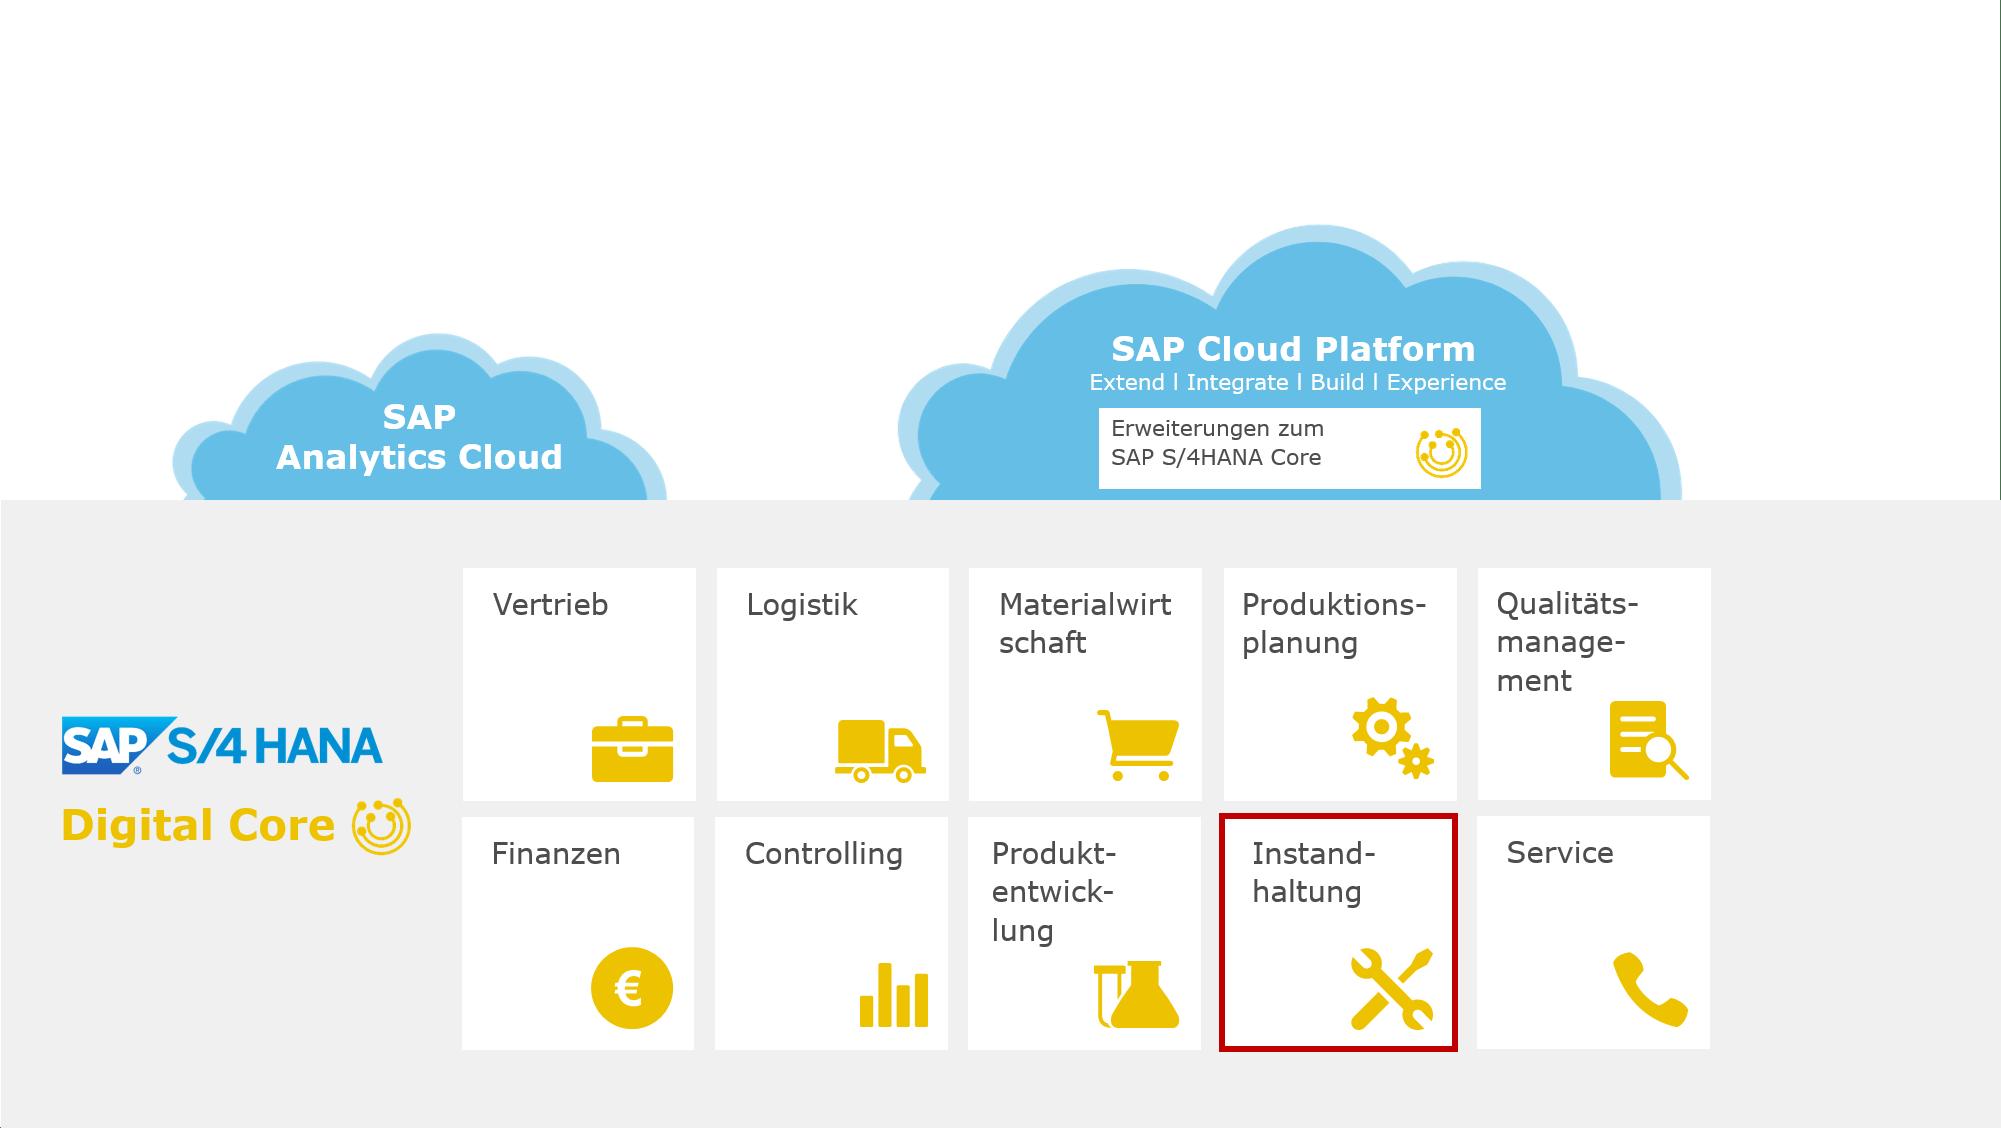 Projektumfang - Instandhaltung mit SAP S/4HANA: Alle Anlagen zentral verwalten und effizient steuern